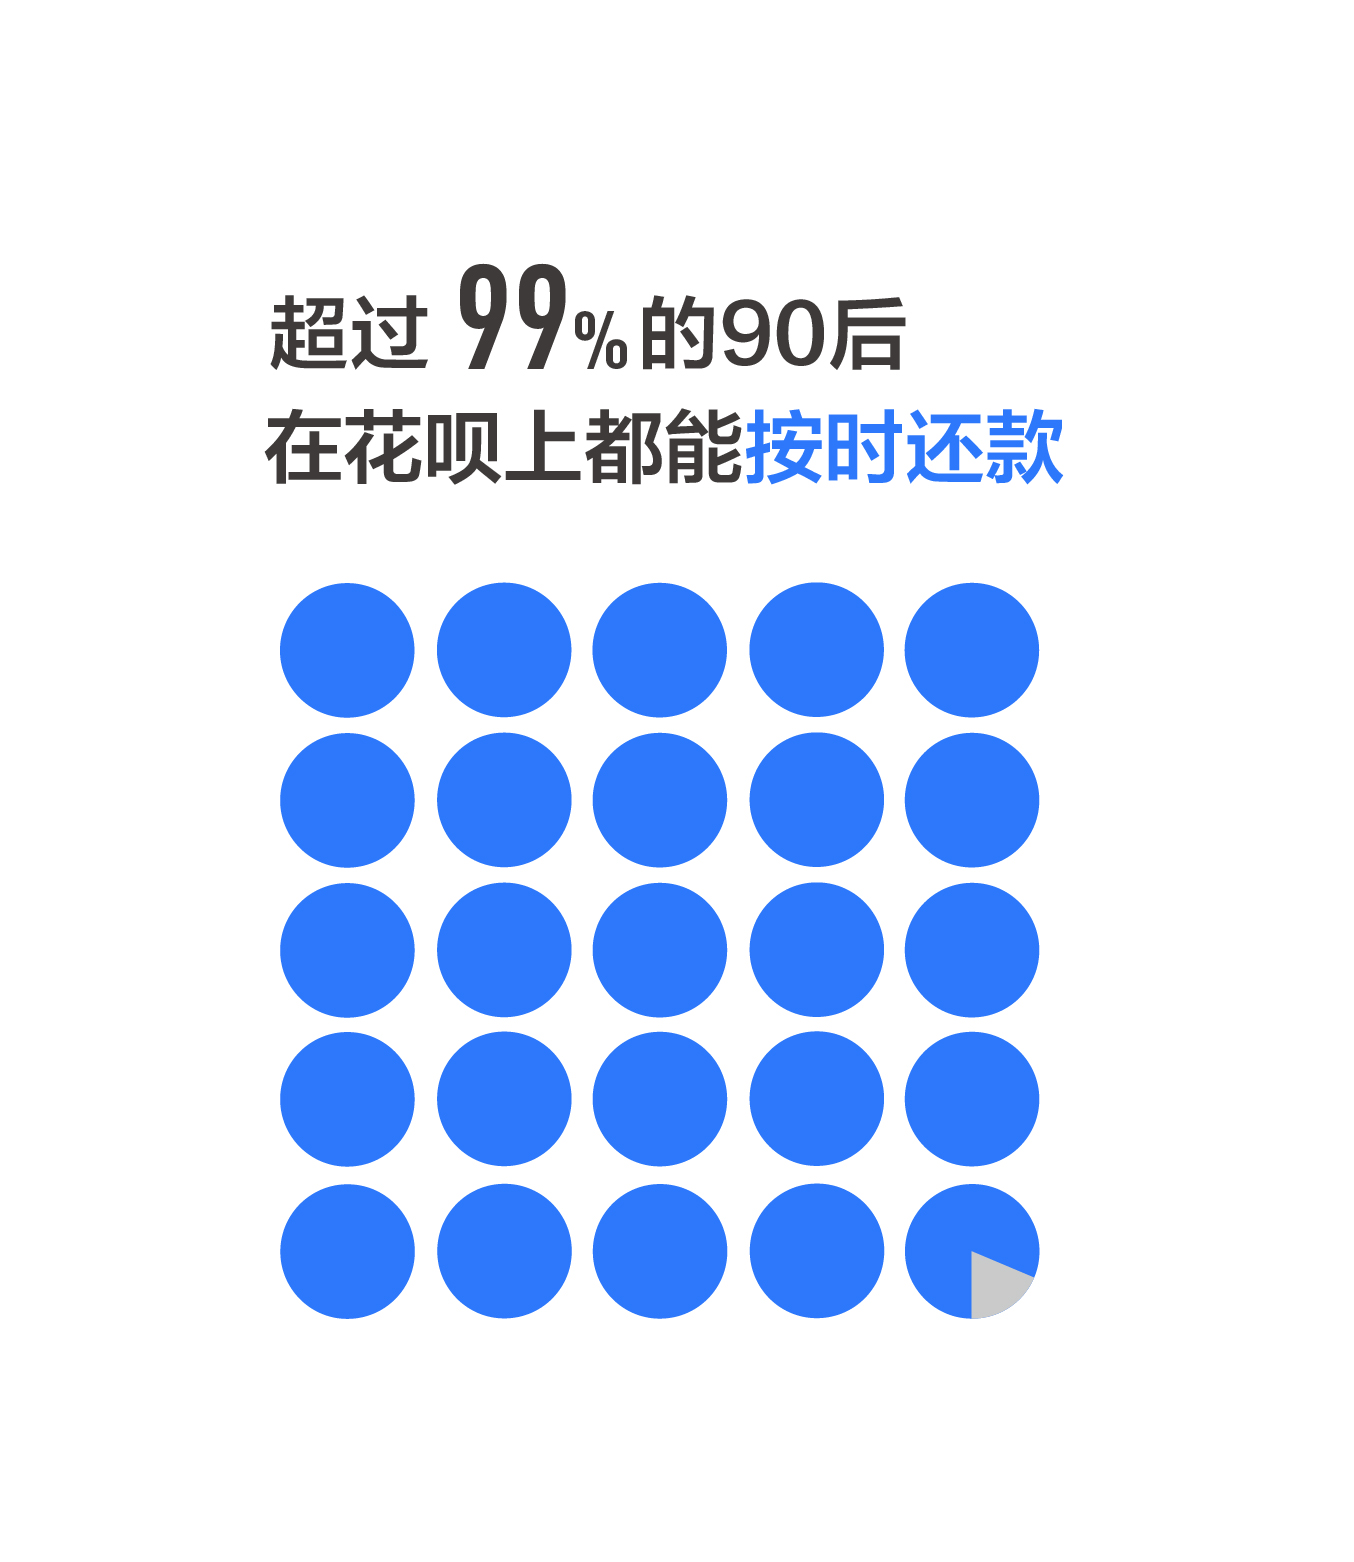 图4-超过99%的90后花呗用户能按时还款